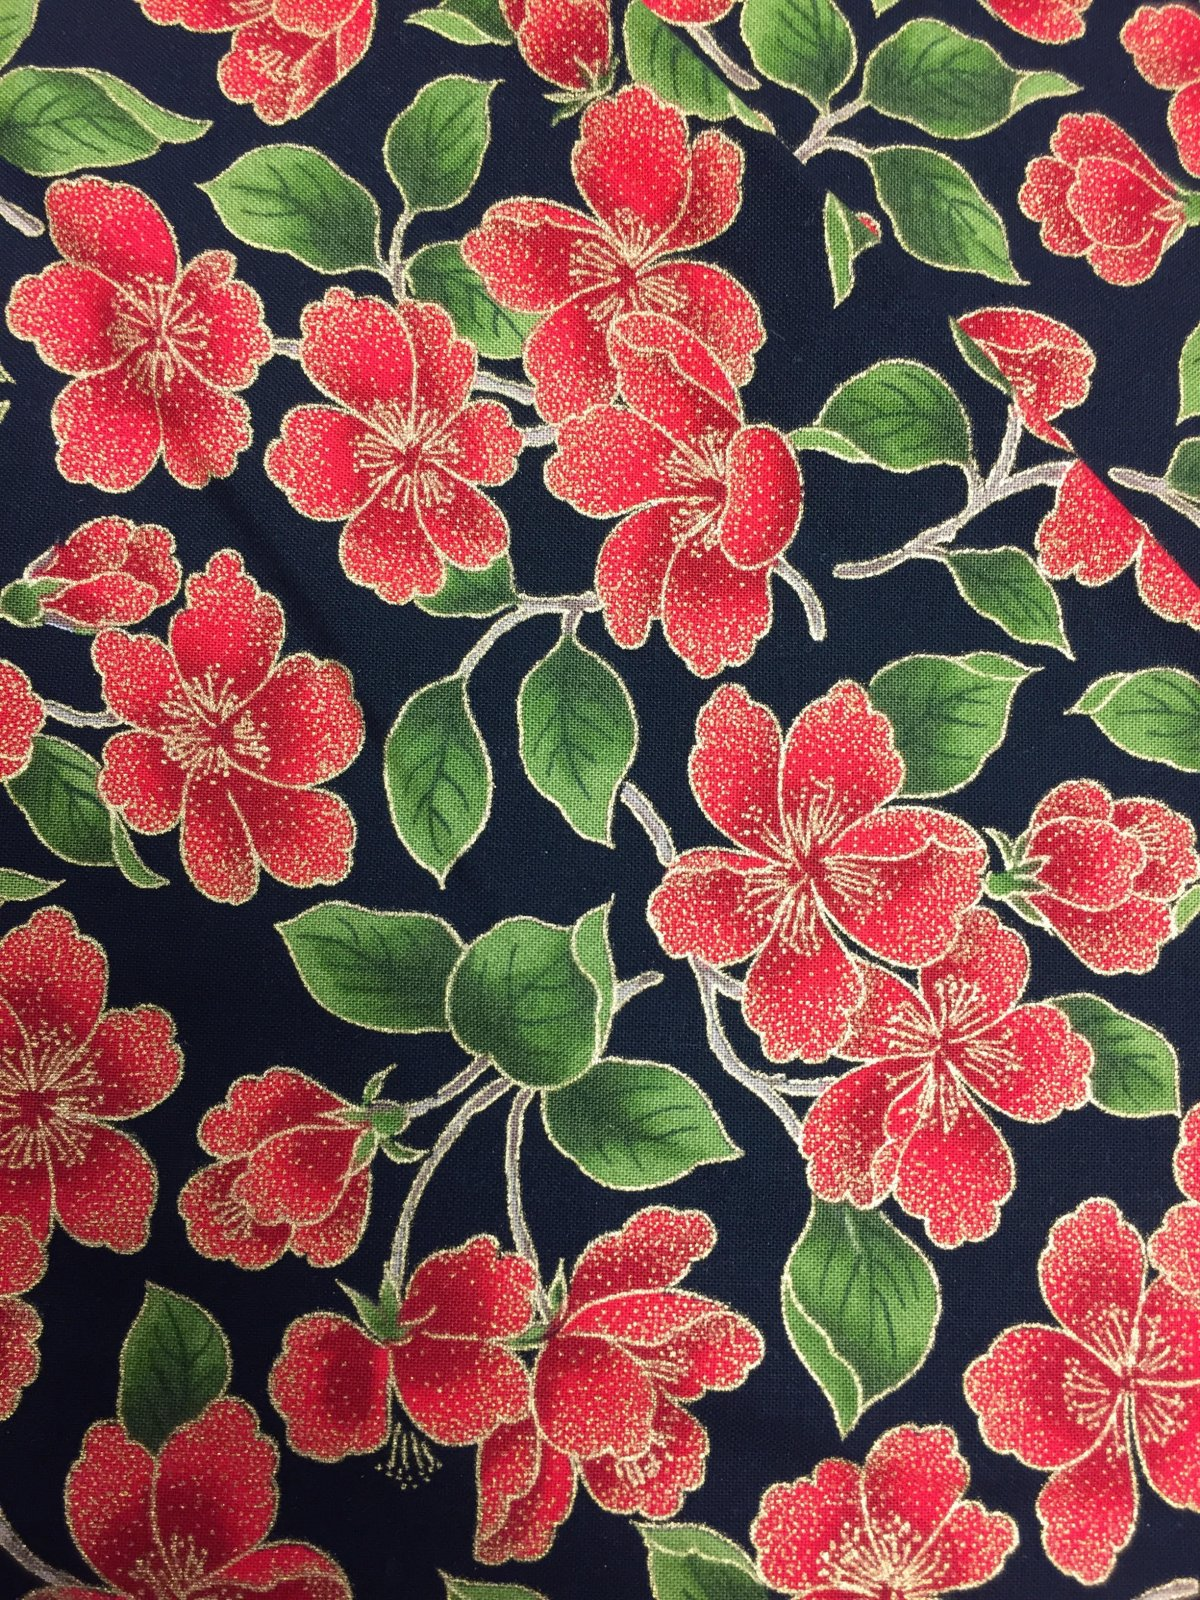 Moda Magnolia Metallics 33242 17M